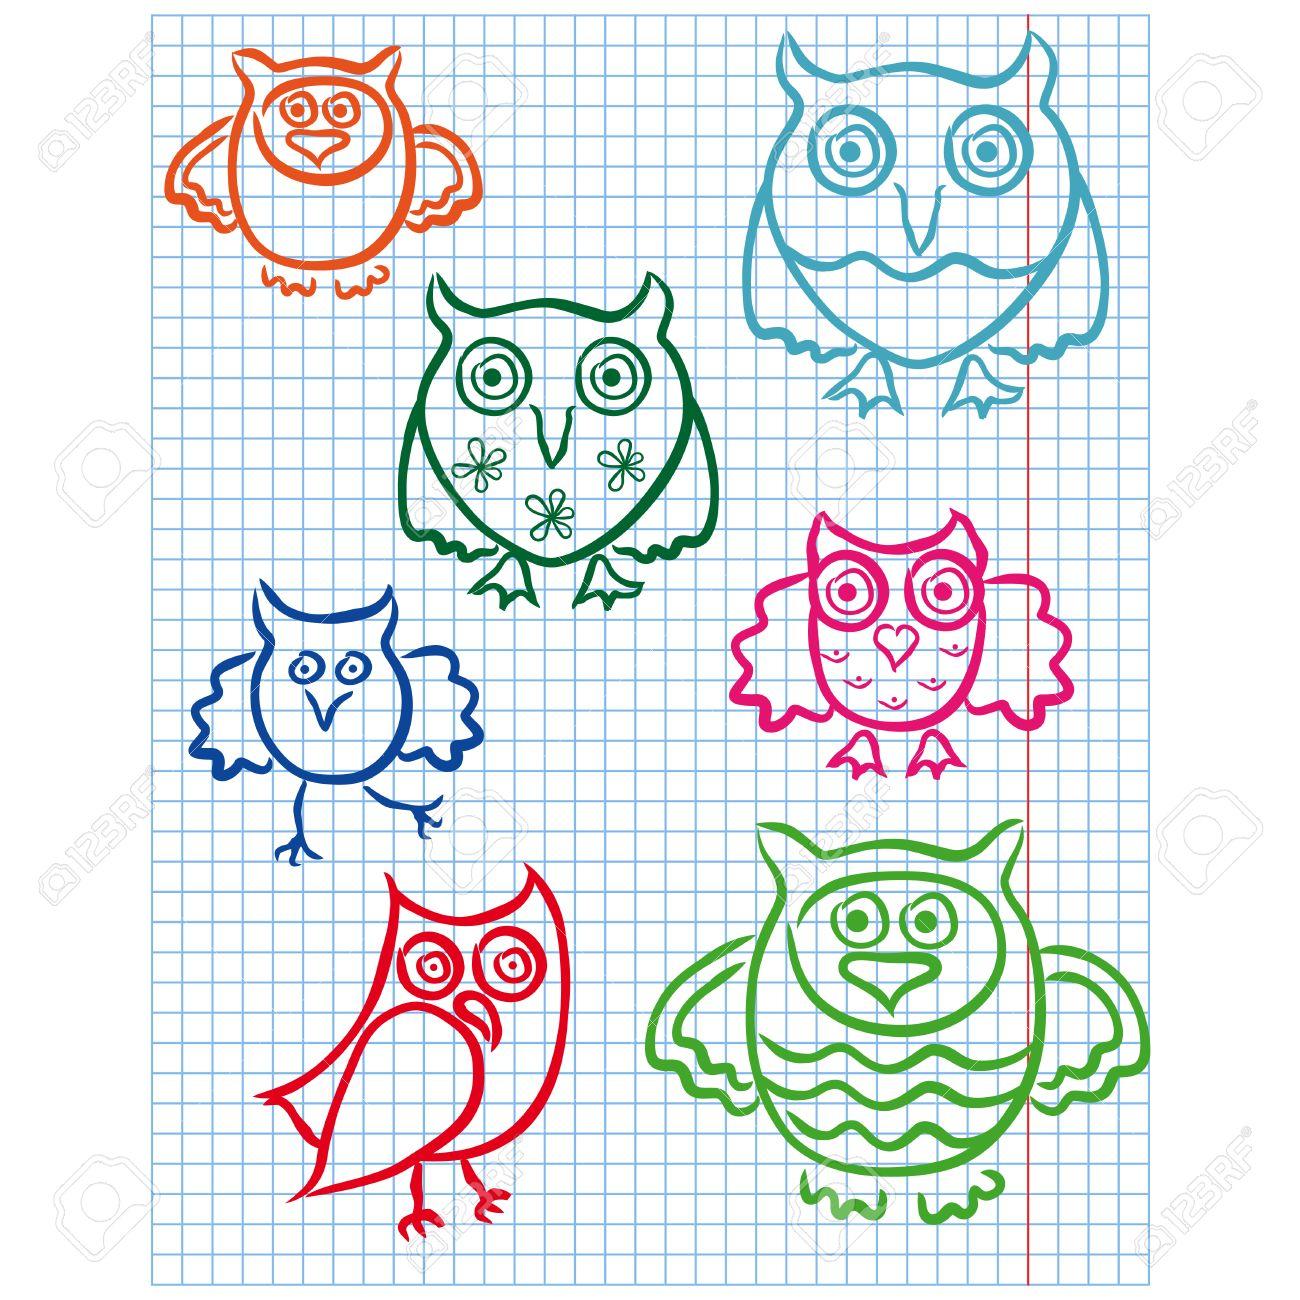 Dibujos Con Cuadros.Conjunto De Siete Buhos Lindos Colores De Dibujo En Una Hoja A